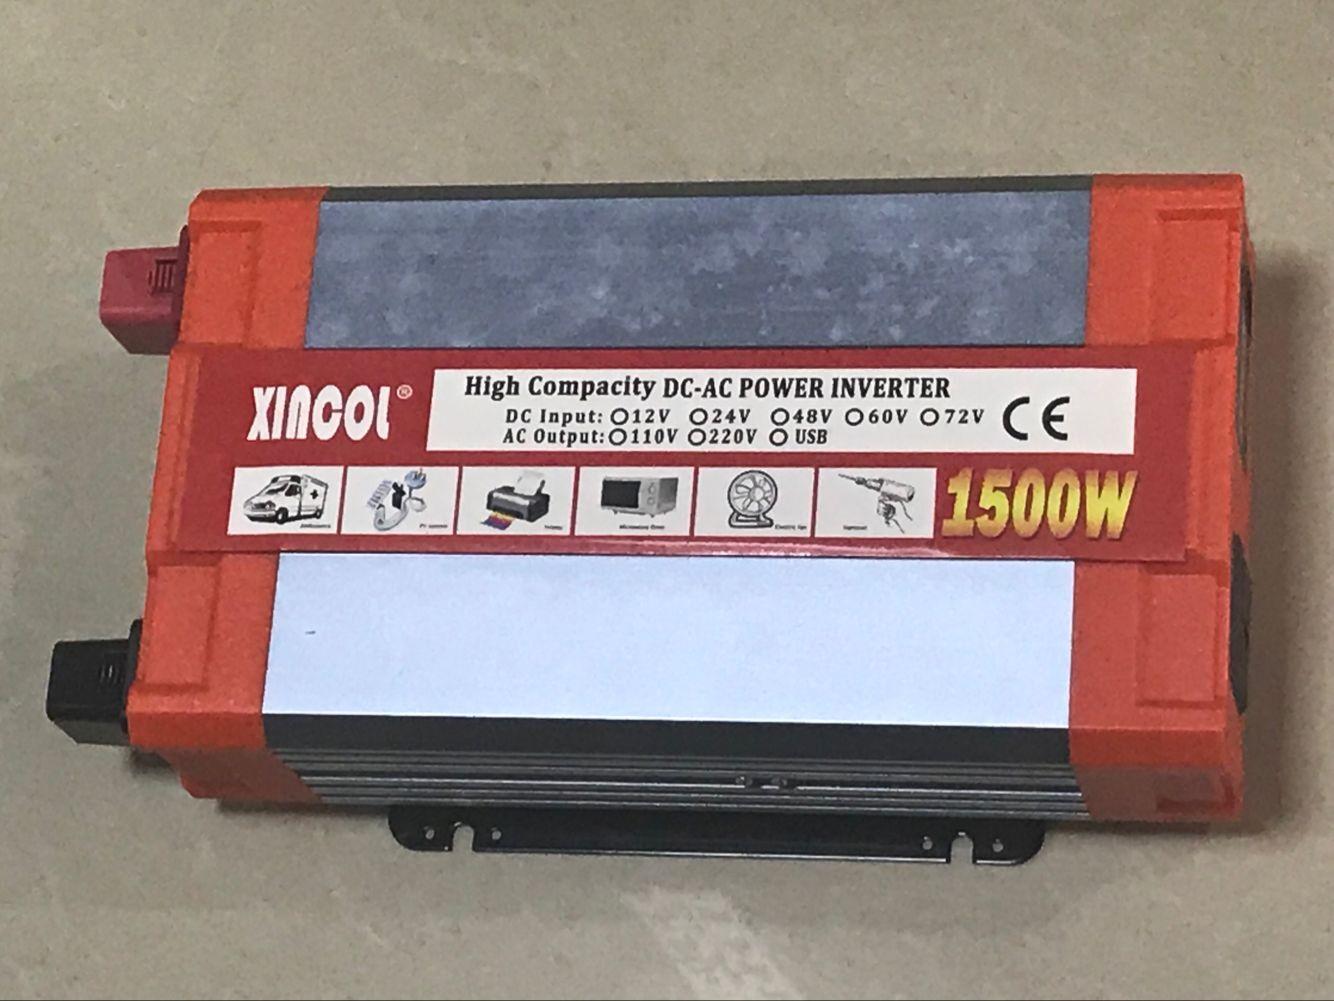 Powerinverter1500W03